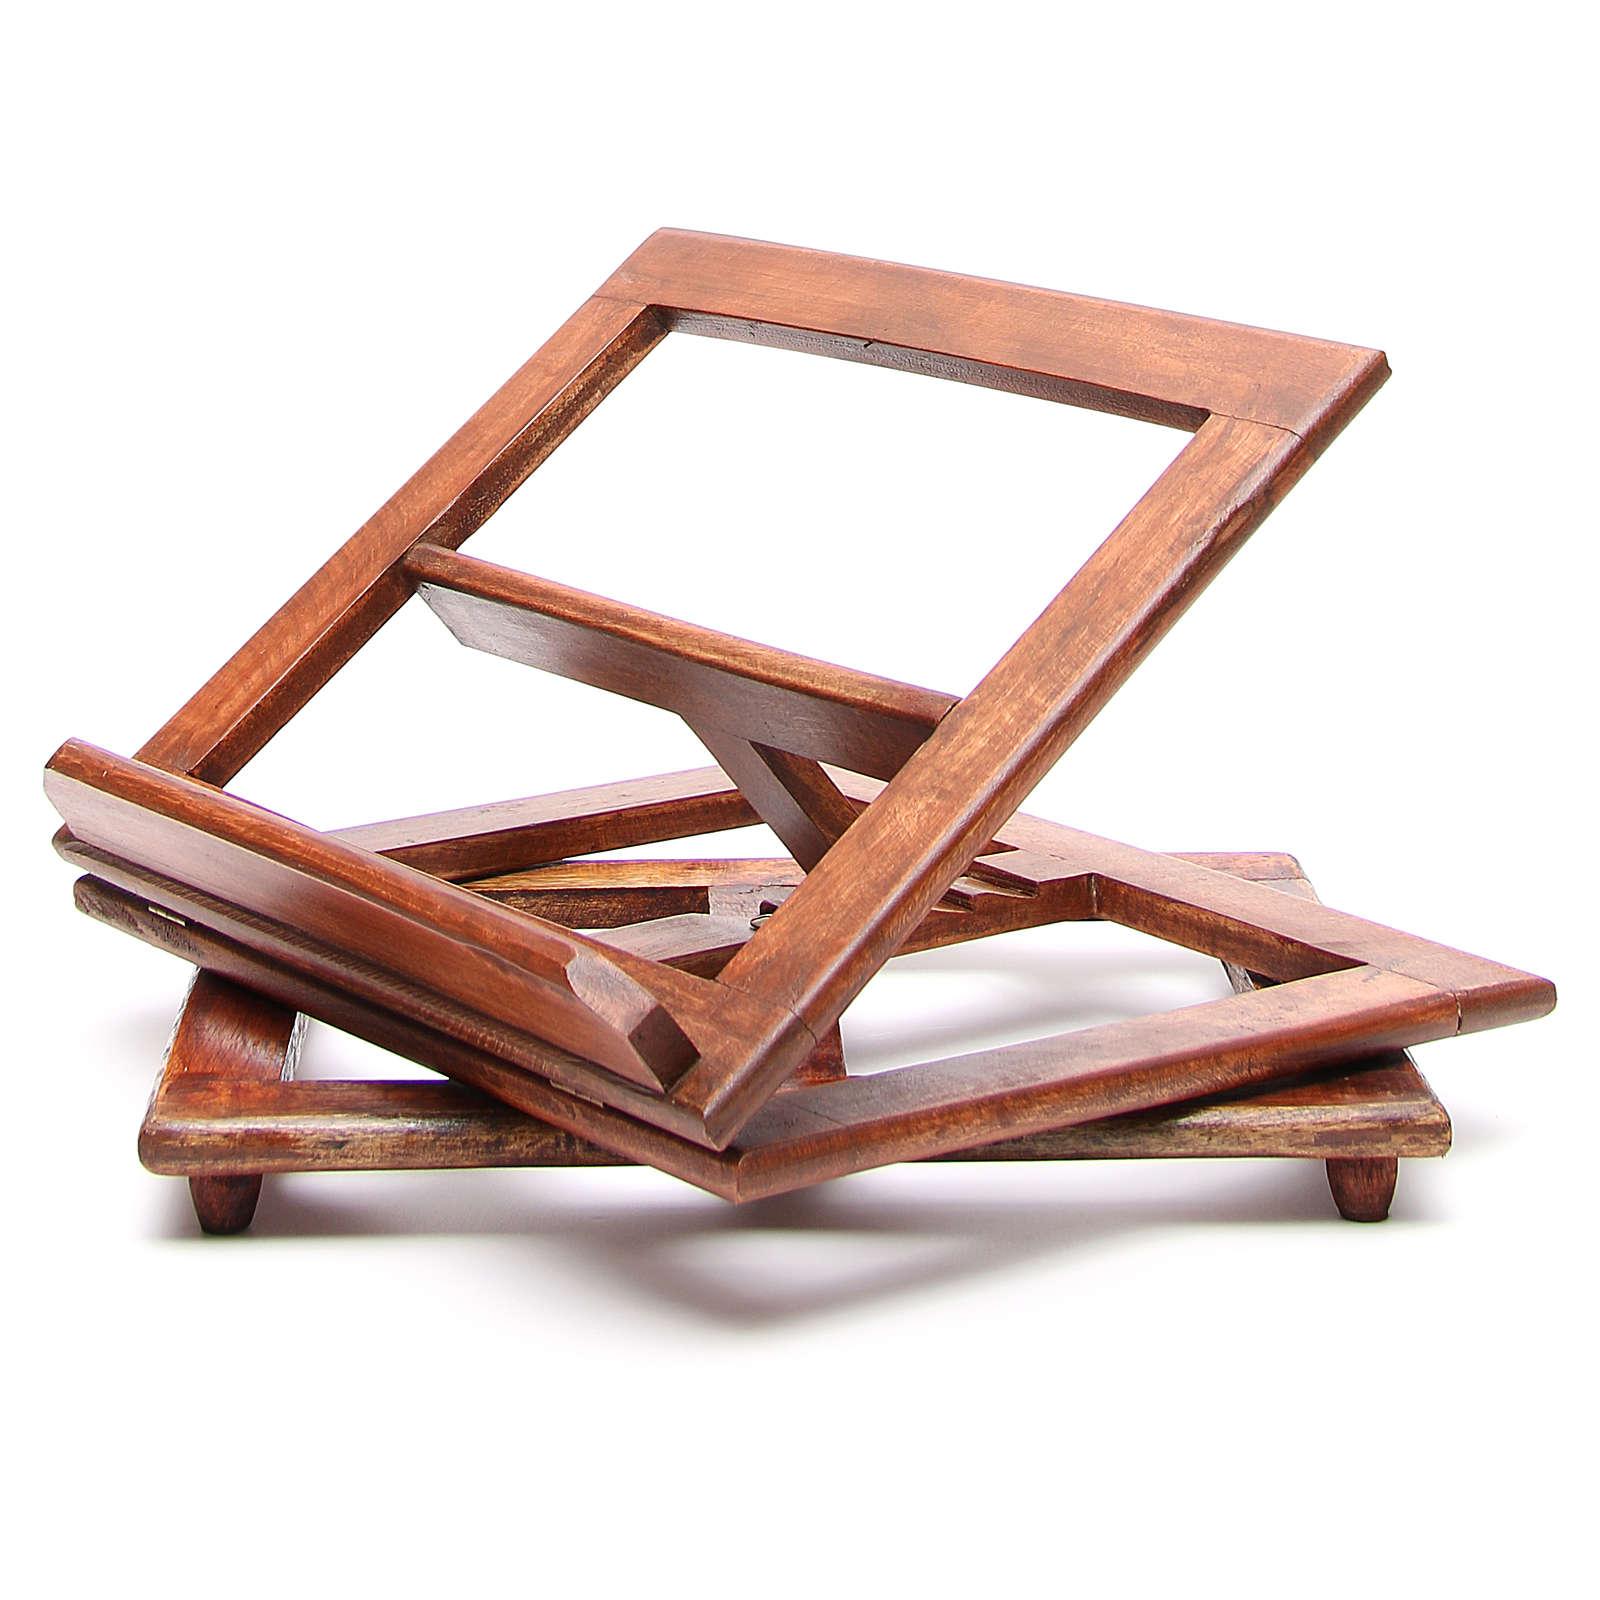 Leggio in legno girevole 4